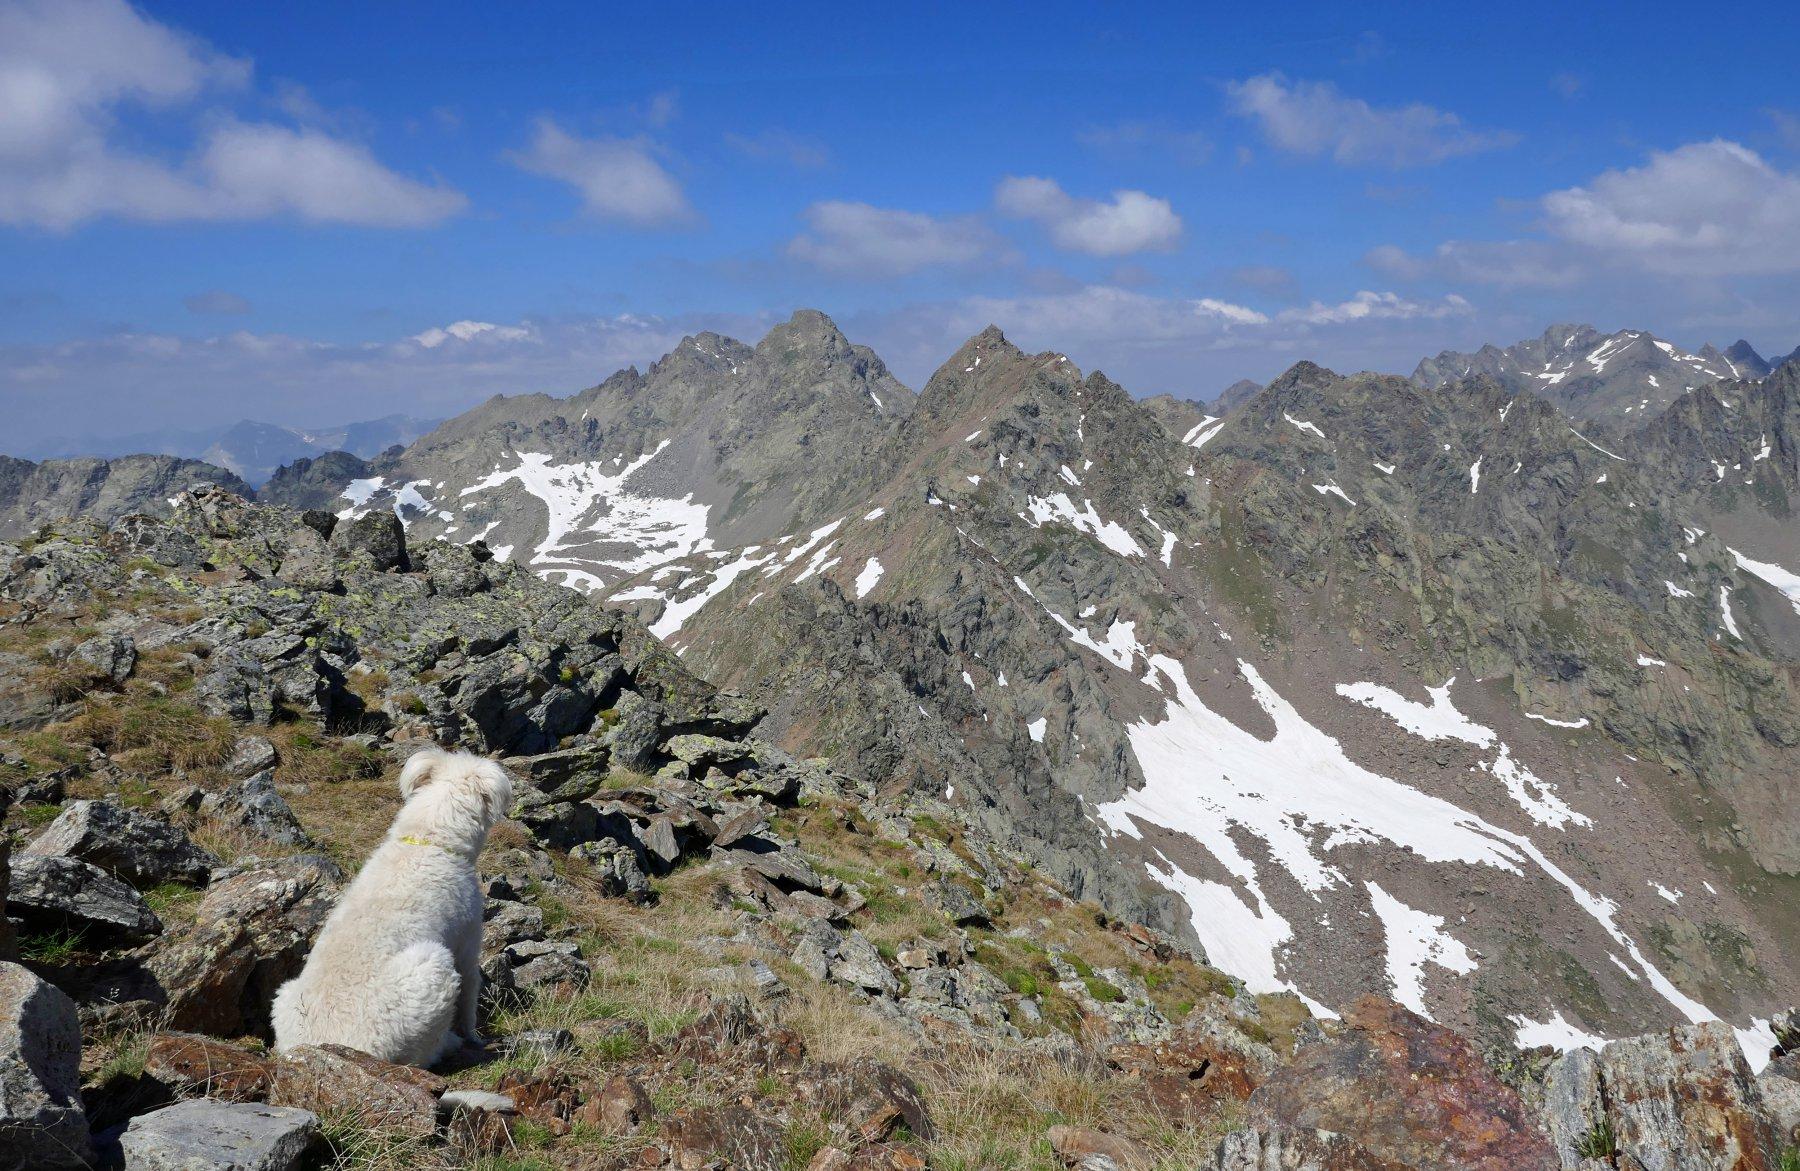 Buck sul Laroussa, bella vista sul Corborant, Giofreddo e sullo sfondo Tenìbres